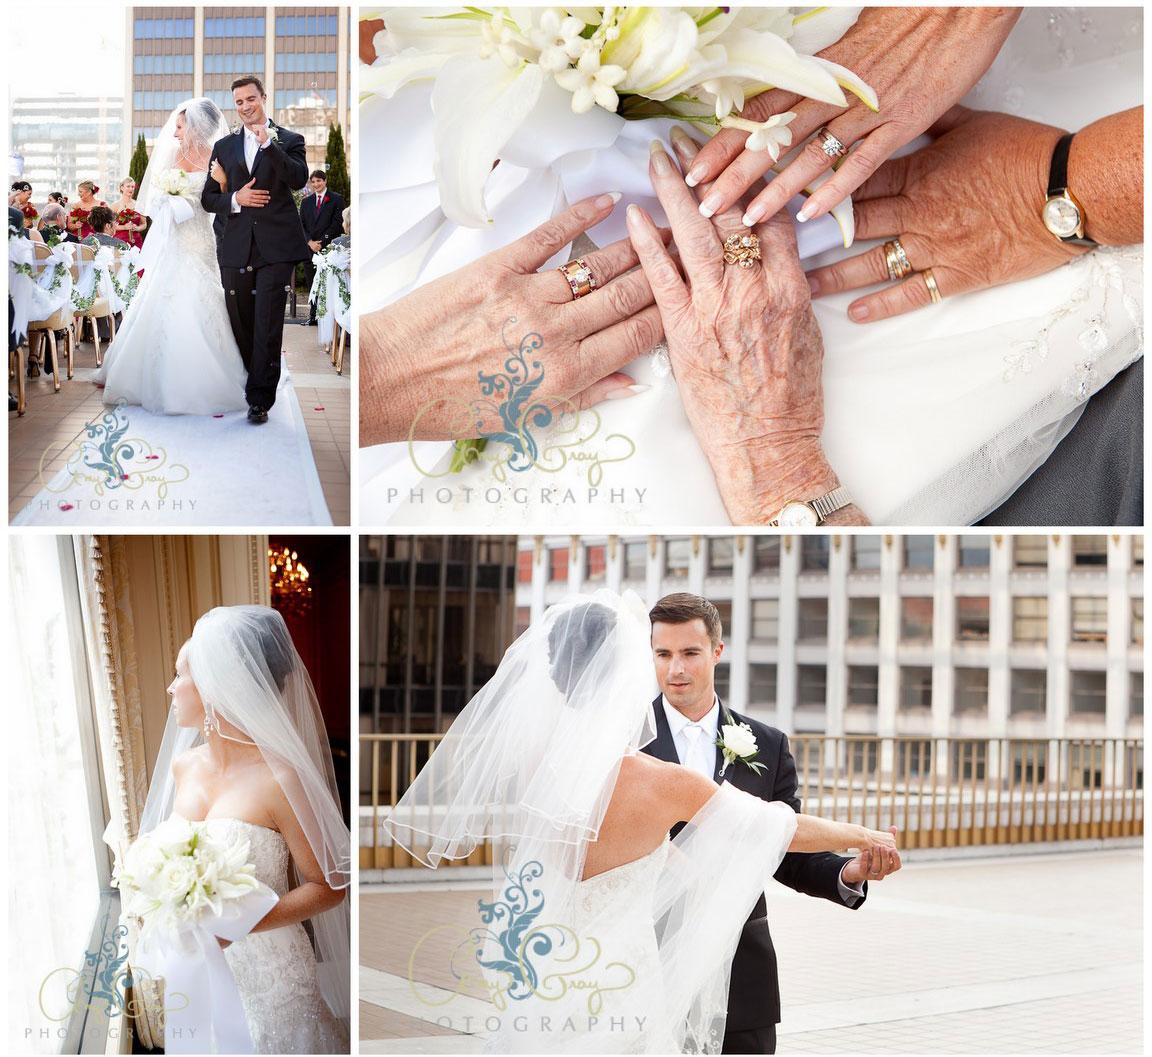 Jordan-Viani-Wedding4